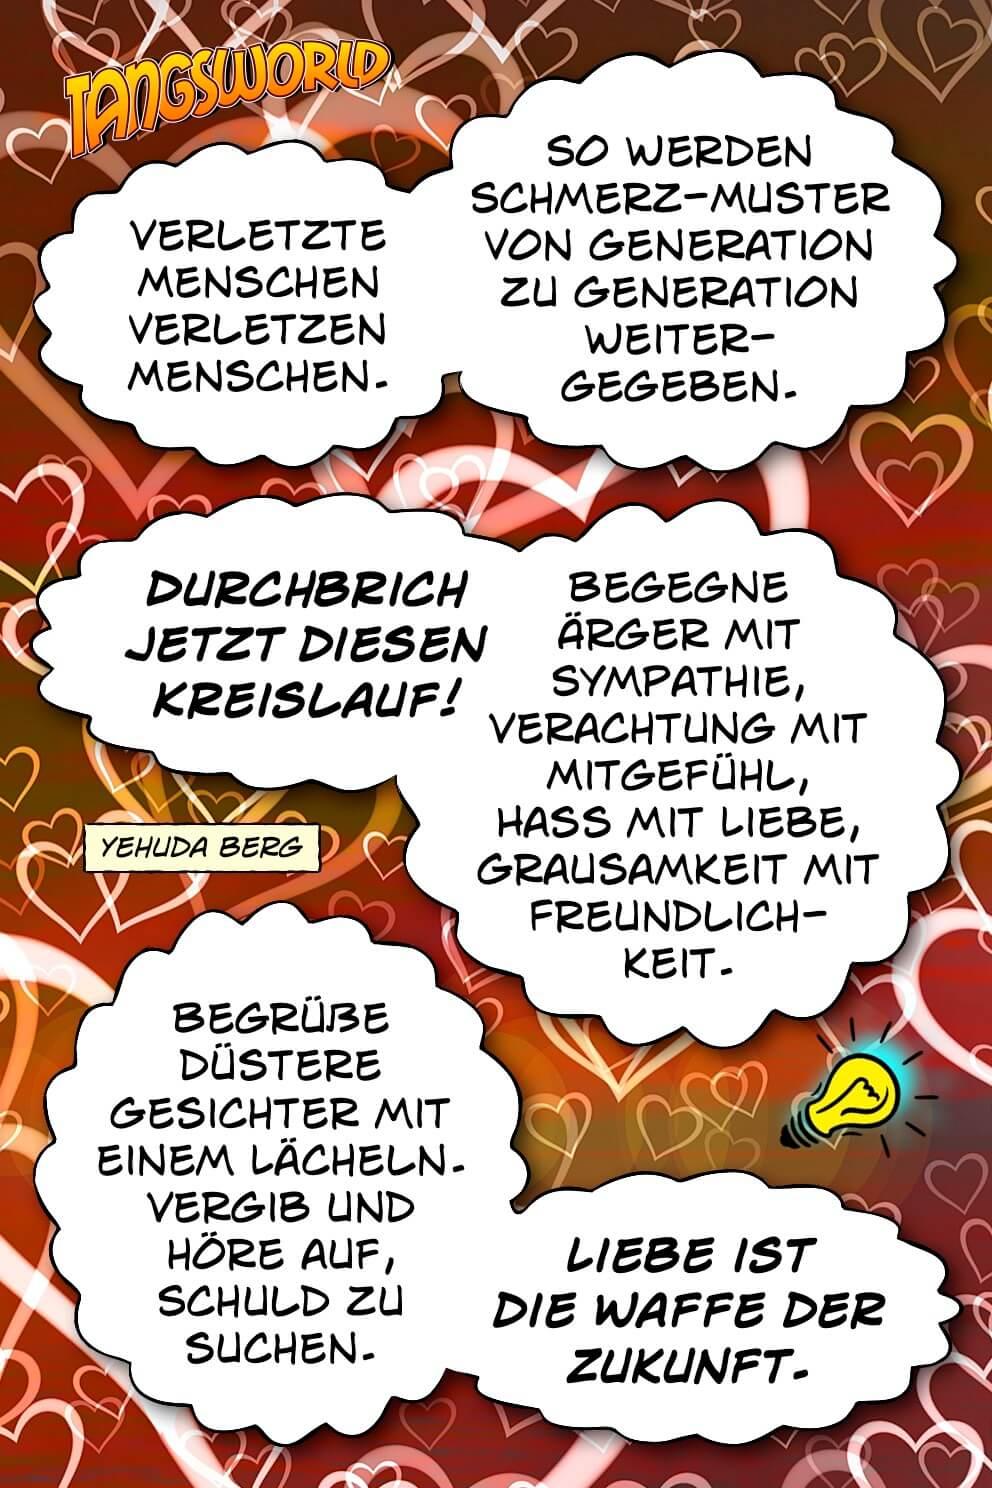 Verletzte Menschen verletzen Menschen. So werden Schmerz-Muster von Generation zu Generation weitergegeben. Durchbrich jetzt diesen Kreislauf! Begegne Ärger mit Sympathie, Verachtung mit Mitgefühl, Hass mit Liebe, Grausamkeit mit Freundlichkeit. Begrüße düstere Gesichter mit einem Lächeln. Vergib und höre auf, Schuld zu suchen. Liebe ist die »Waffe« der Zukunft! - Geistesblitze | Yehuda Berg